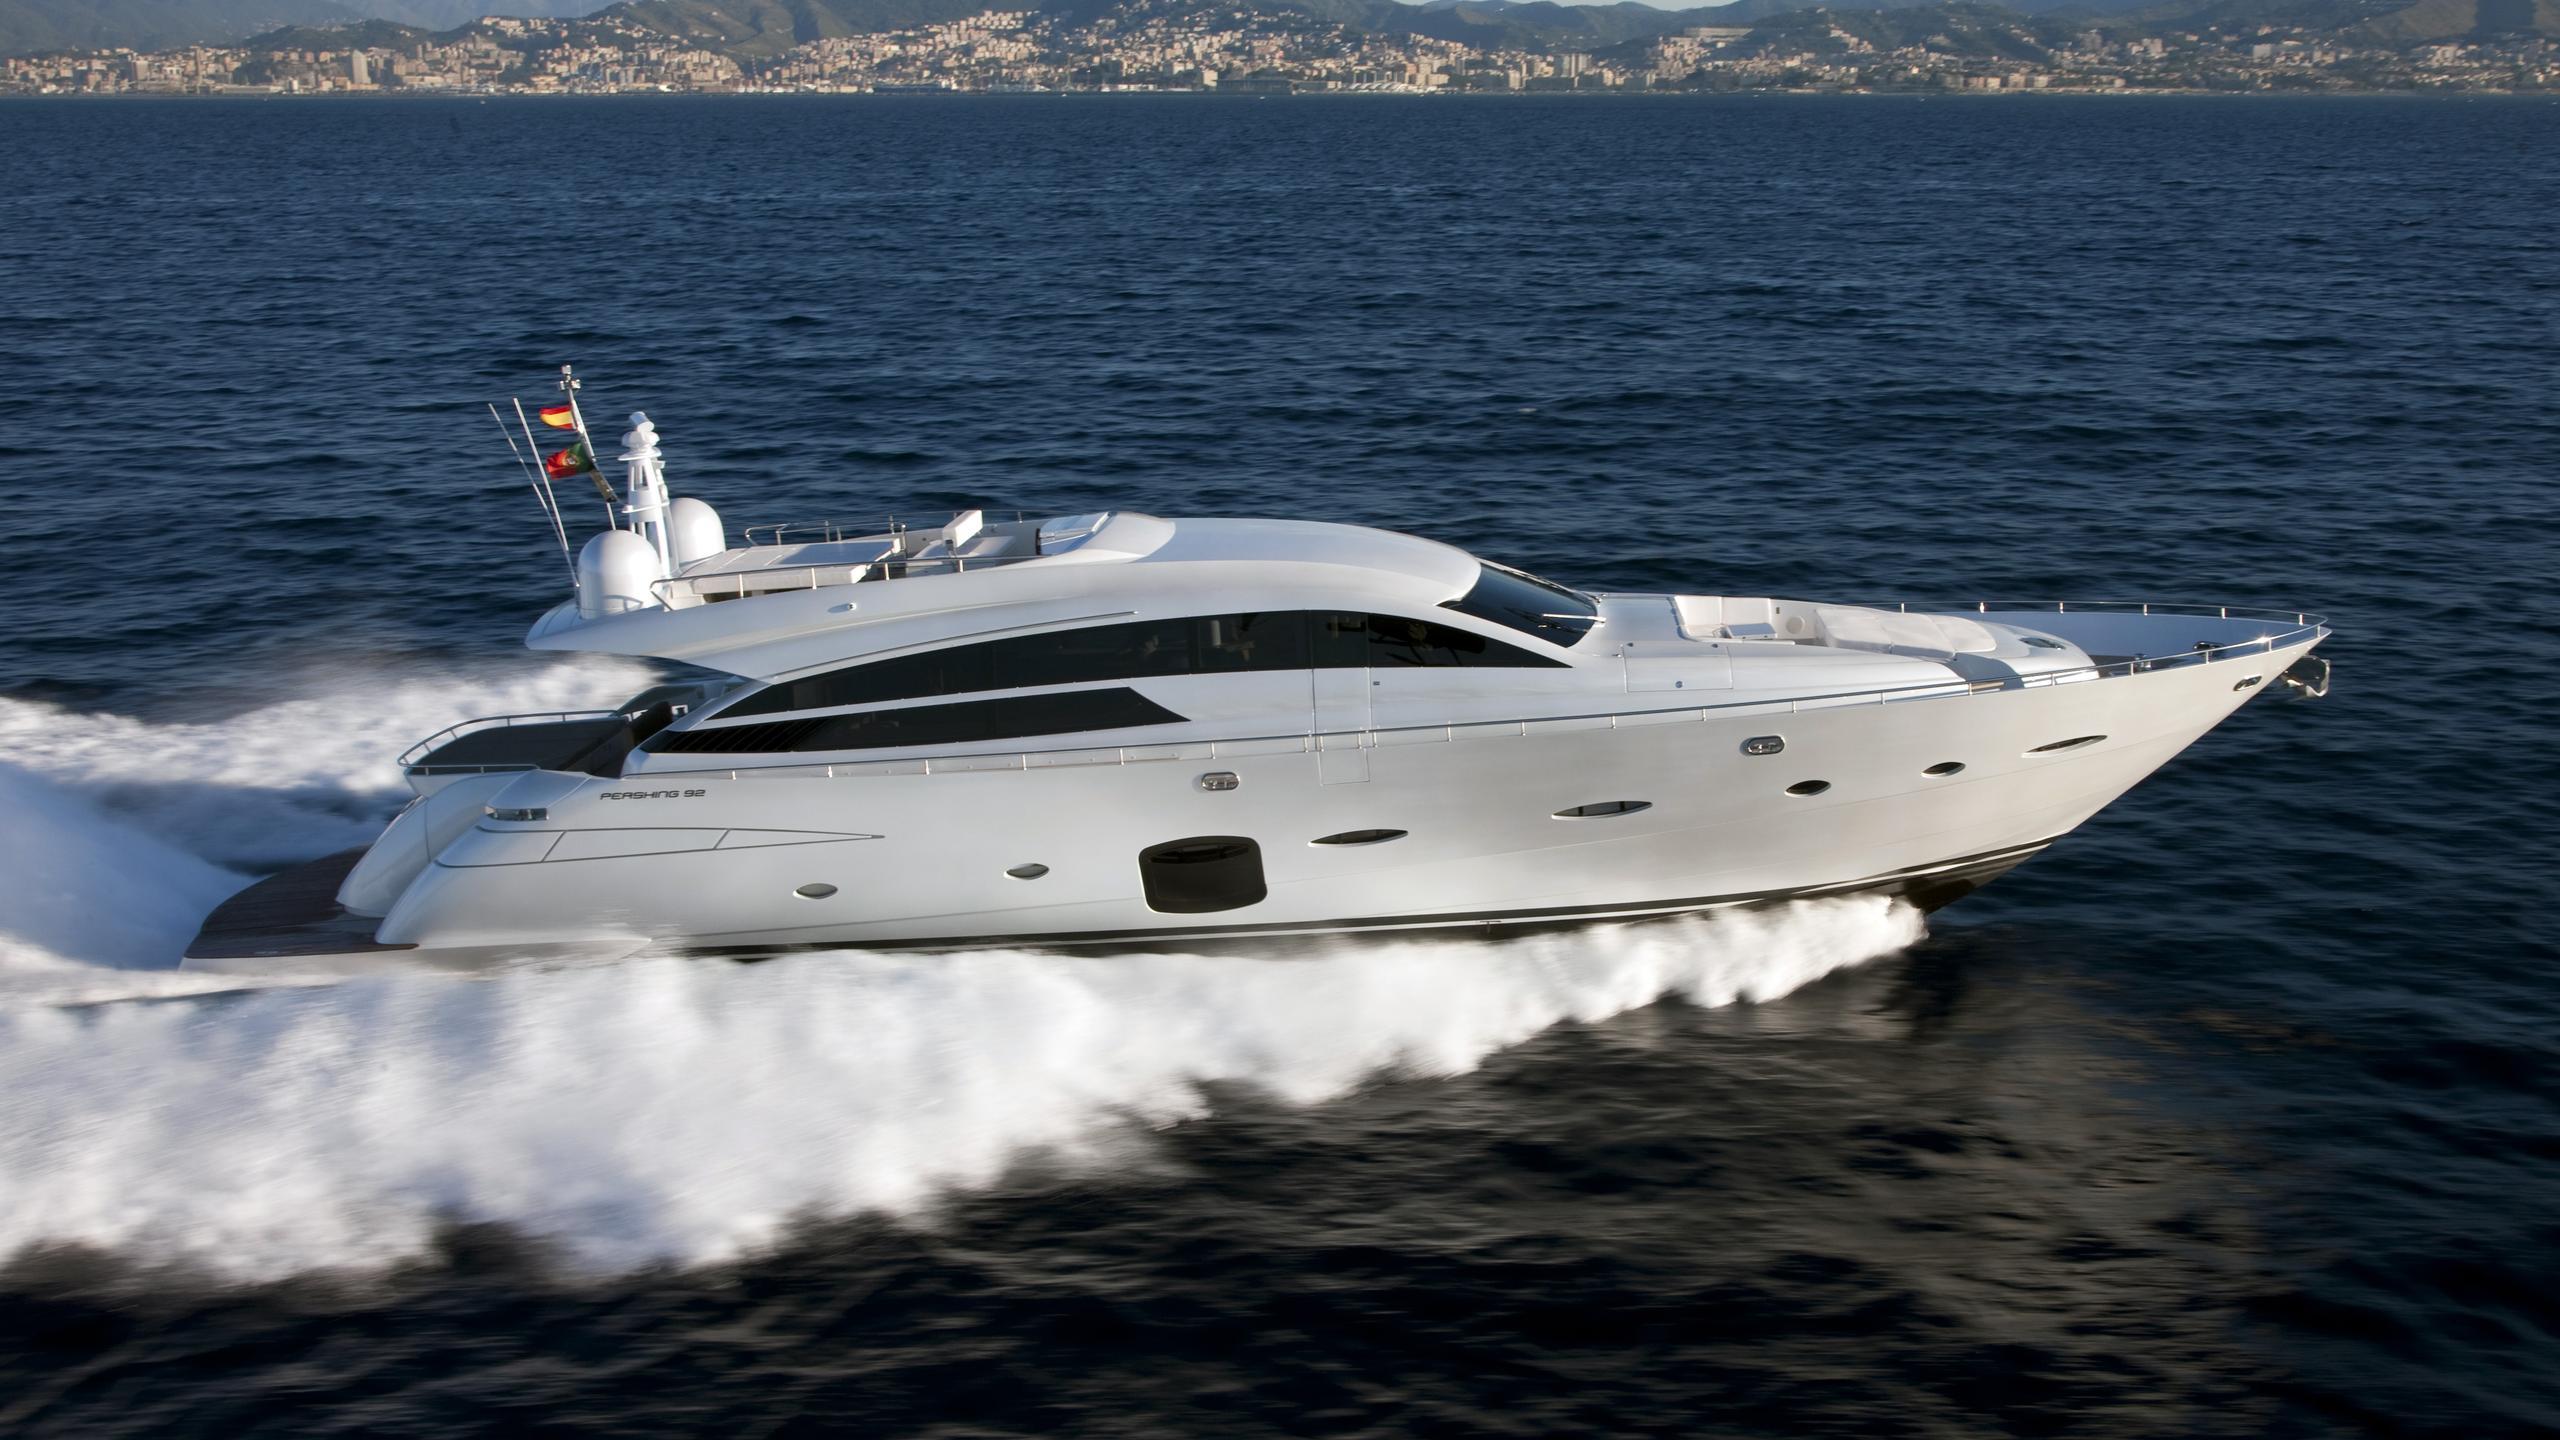 kizola-motor-yacht-pershing-92-2010-28m-cruising